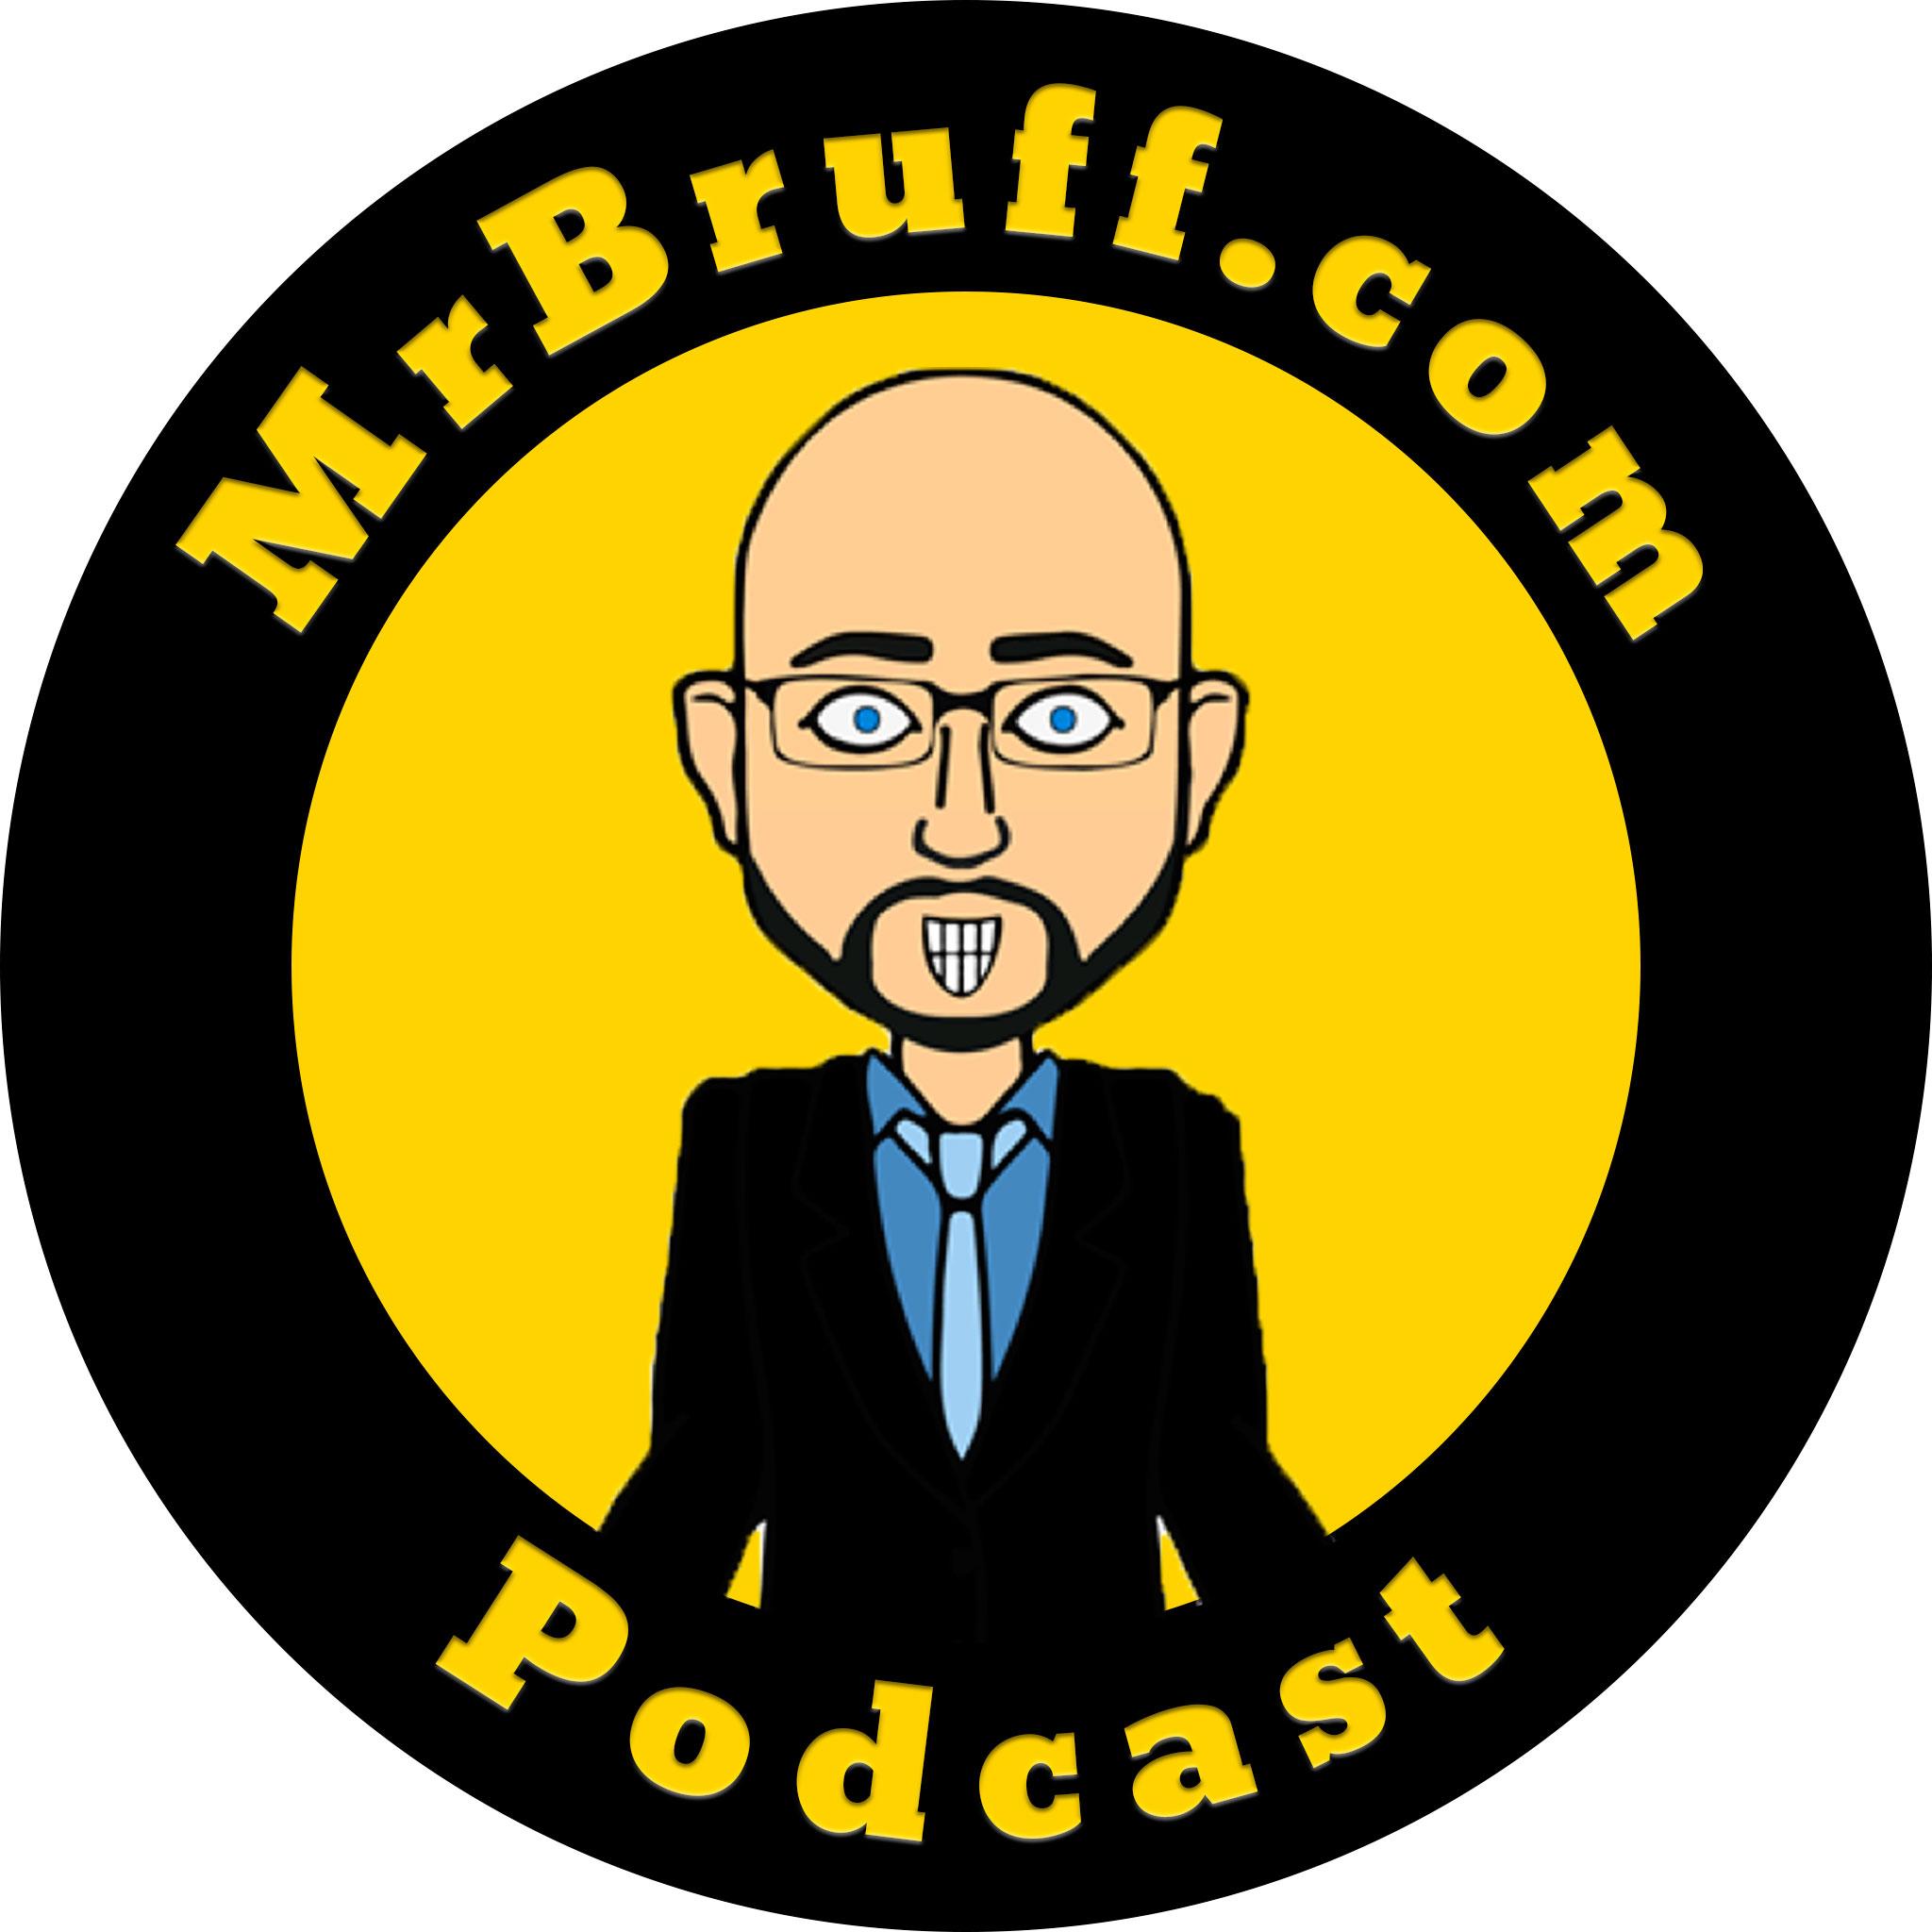 Mr Bruff Podcast